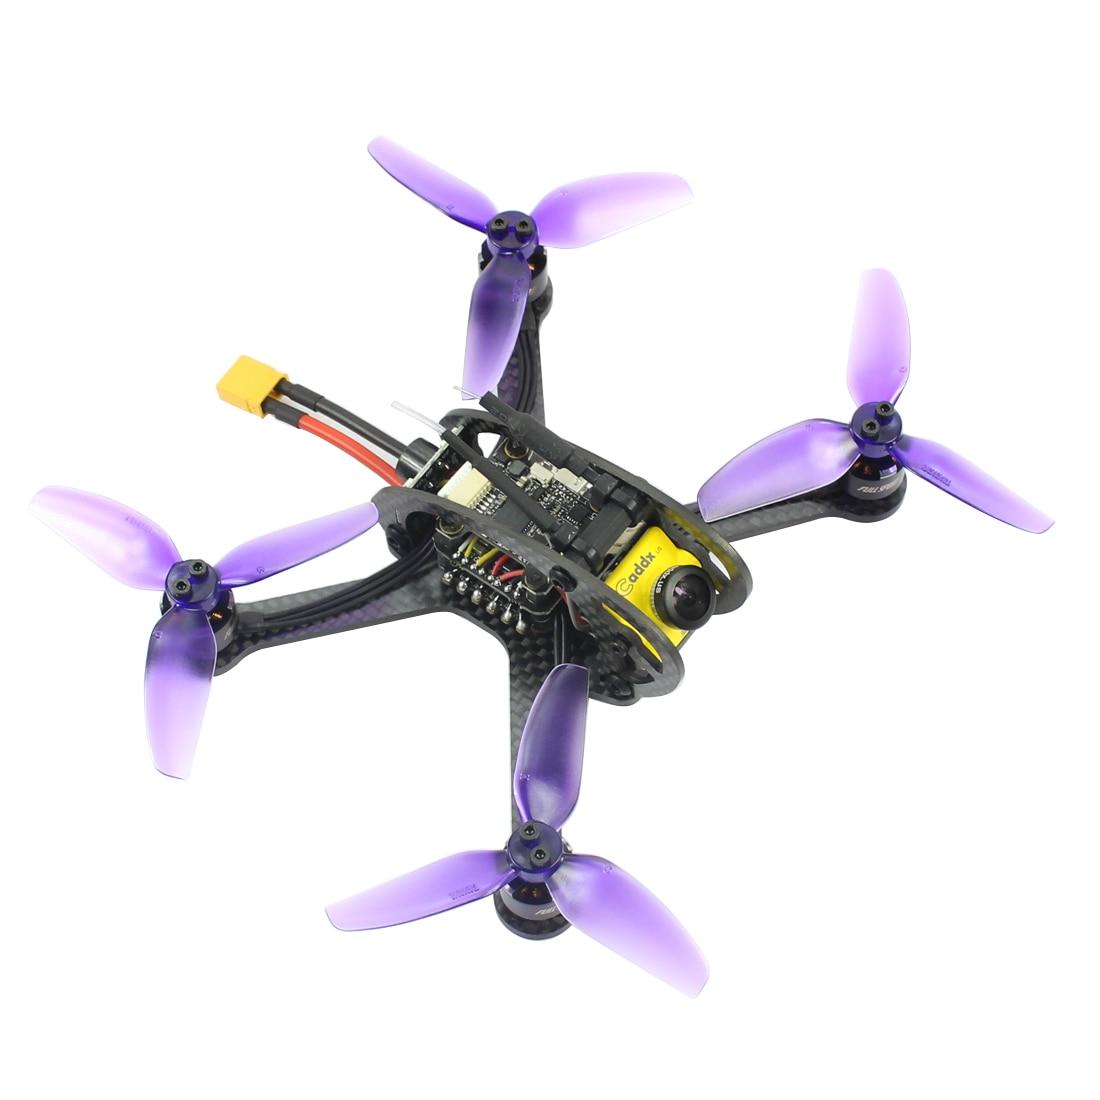 Leader3/3SE 130 millimetri Mini FPV RC Racer Drone F4 OSD 28A BLHeli_S 48CH 600 mW Micro F1 PNP /BNF per FRSKY FLYSKY Trasmettitore-in Aerei radiocomandati da Giocattoli e hobby su  Gruppo 1